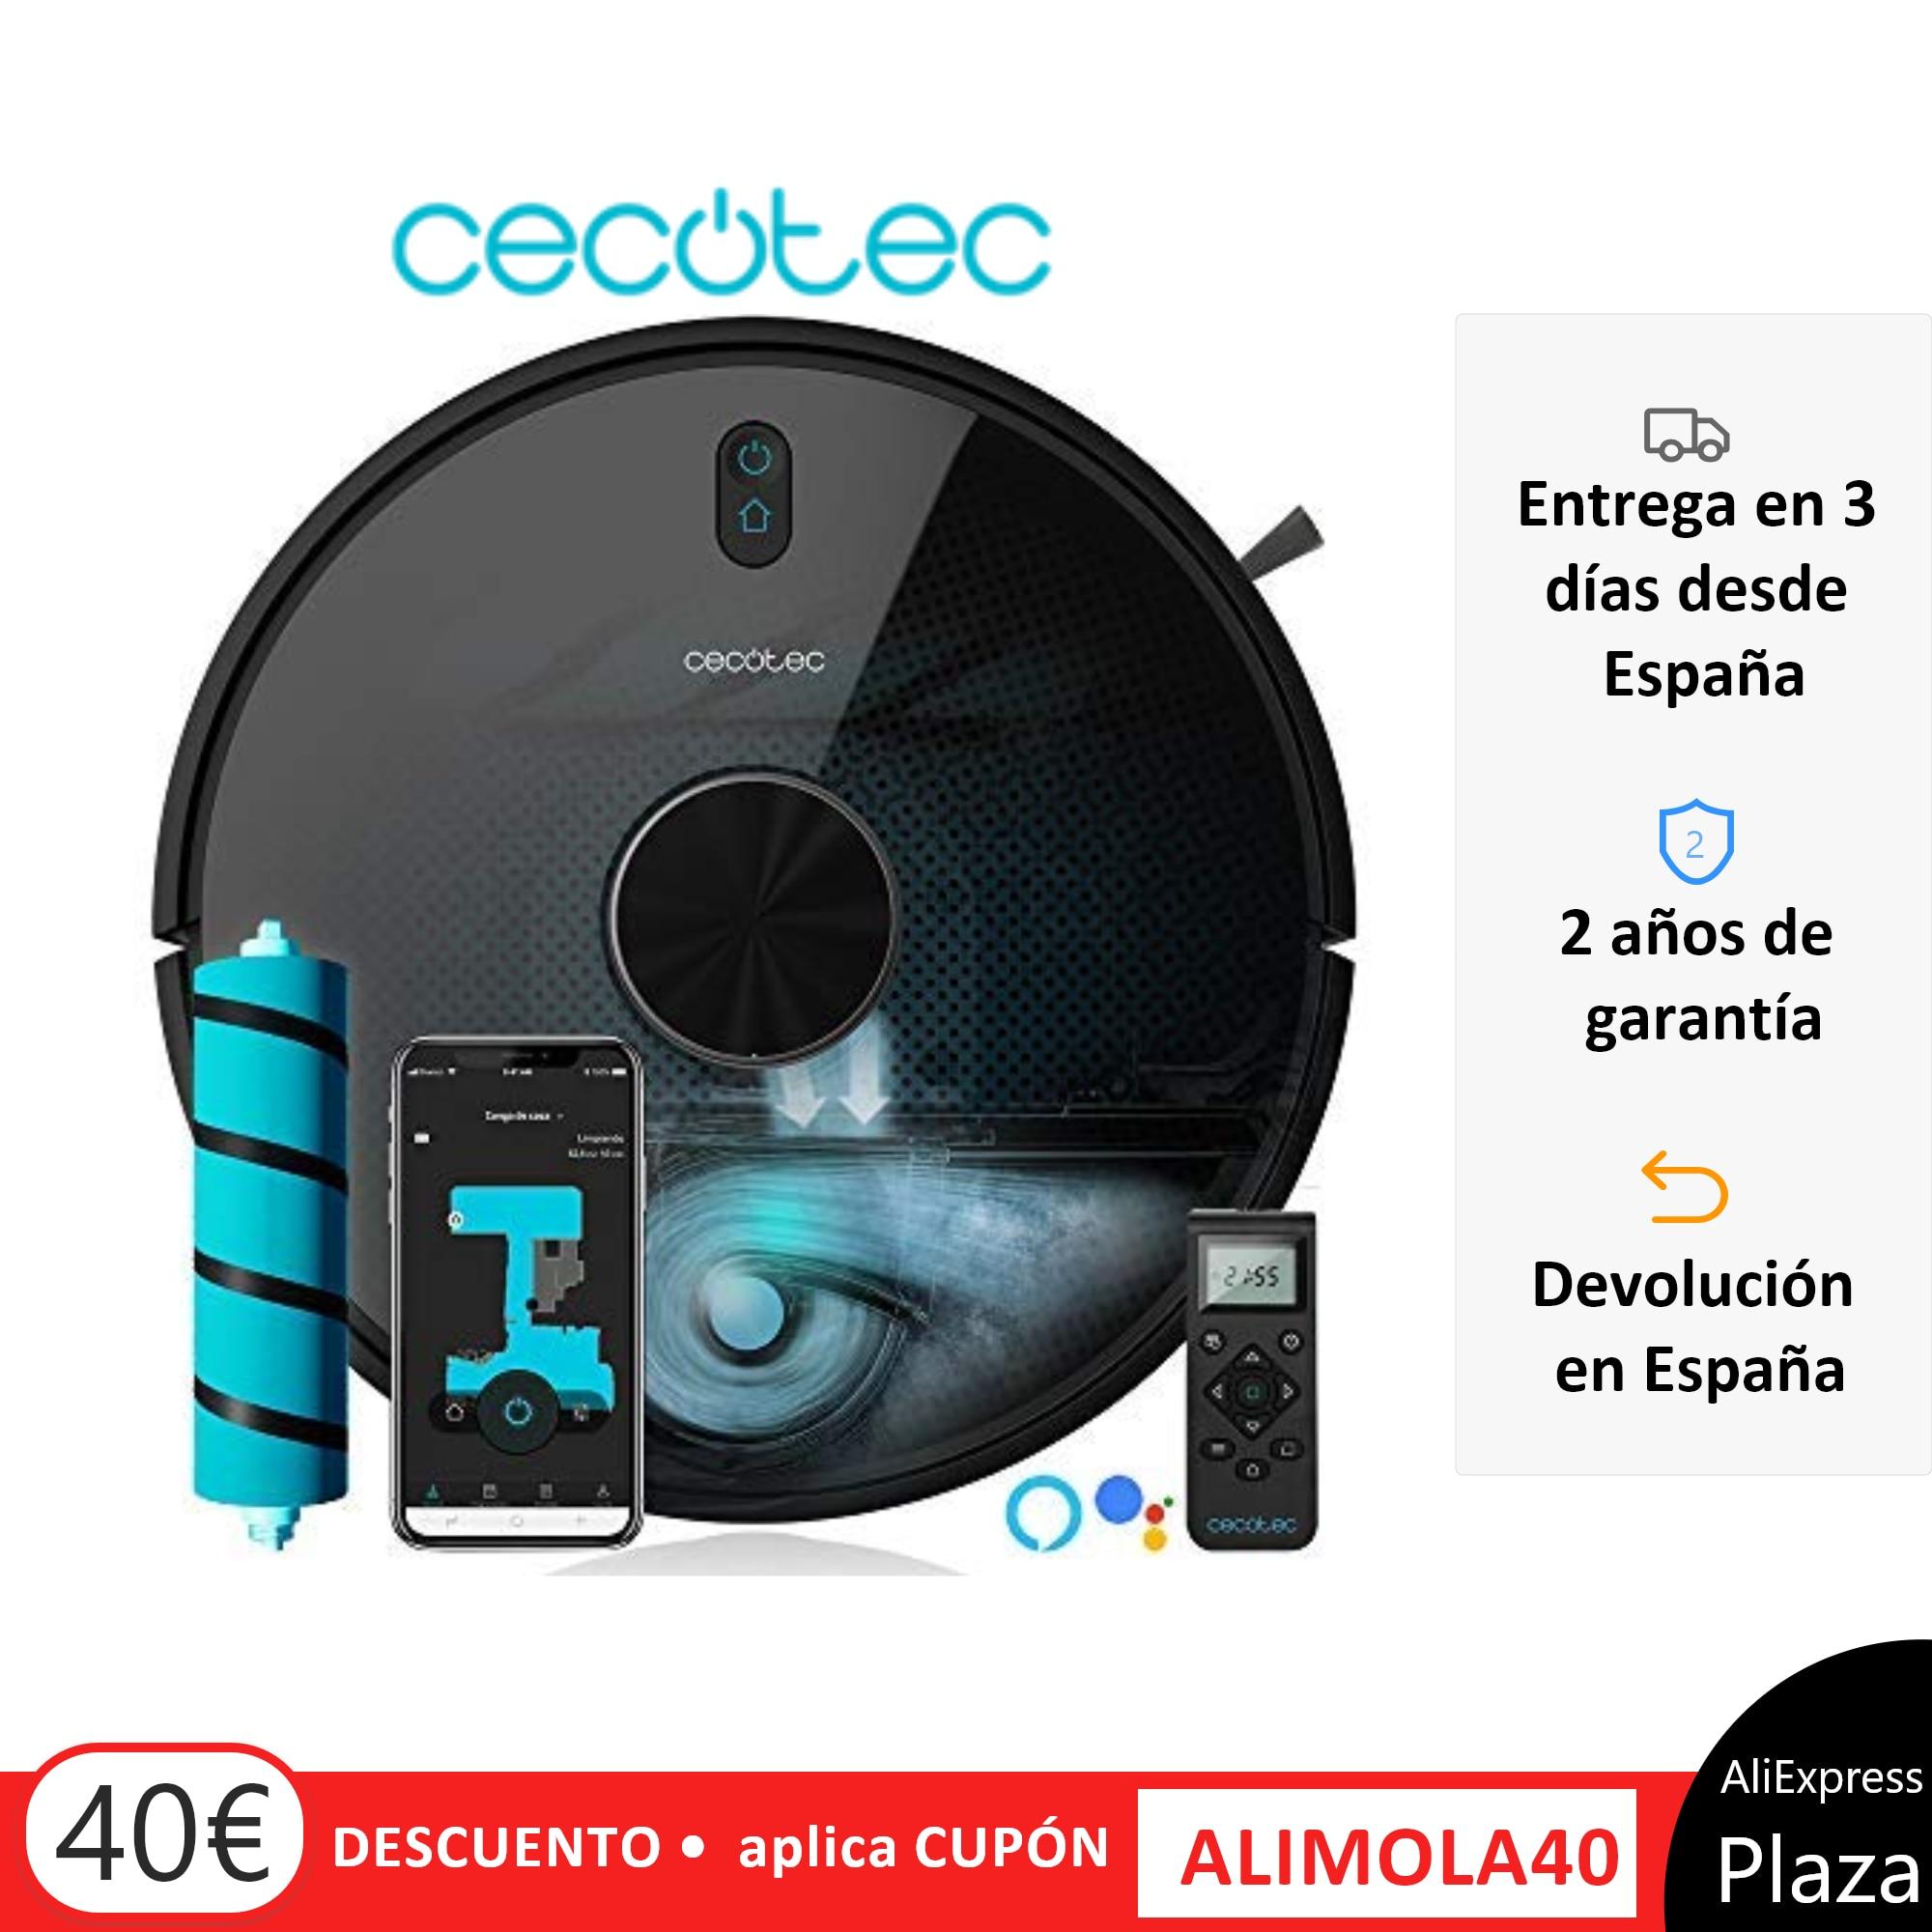 Cecotec ロボット Aspirador コンガ。 Elige 5090-4090-3690-3490-3290 Gestión 、 Aspira 、バレ、 Friega 、 cepillo jalisco